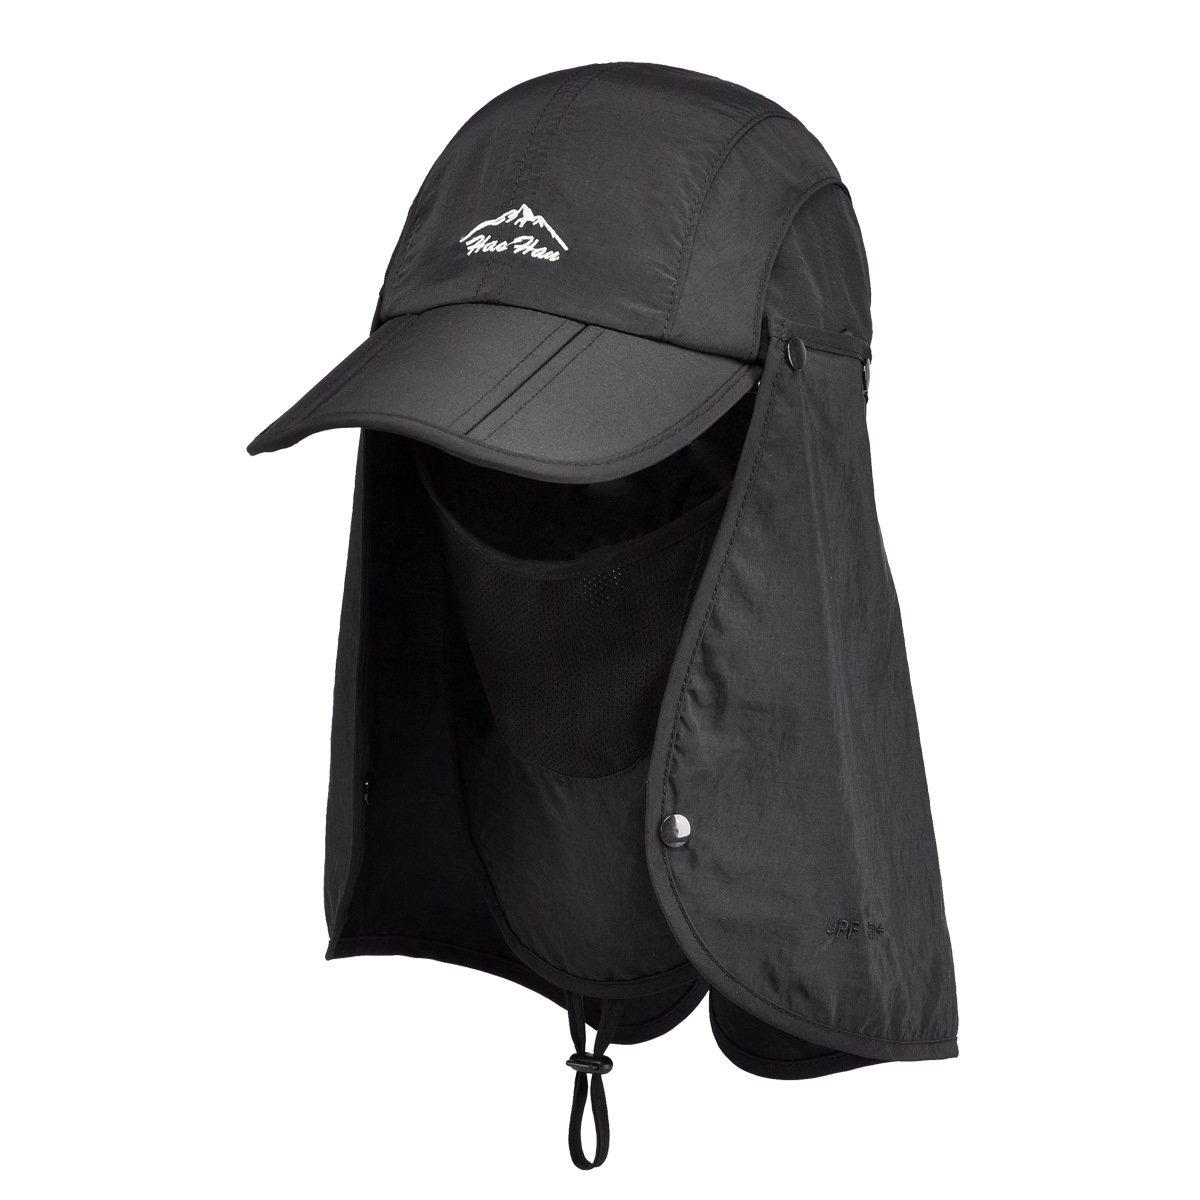 Belsen UPF 50+ Summer Hat Neck Protection Flap Cap (Black) by Belsen